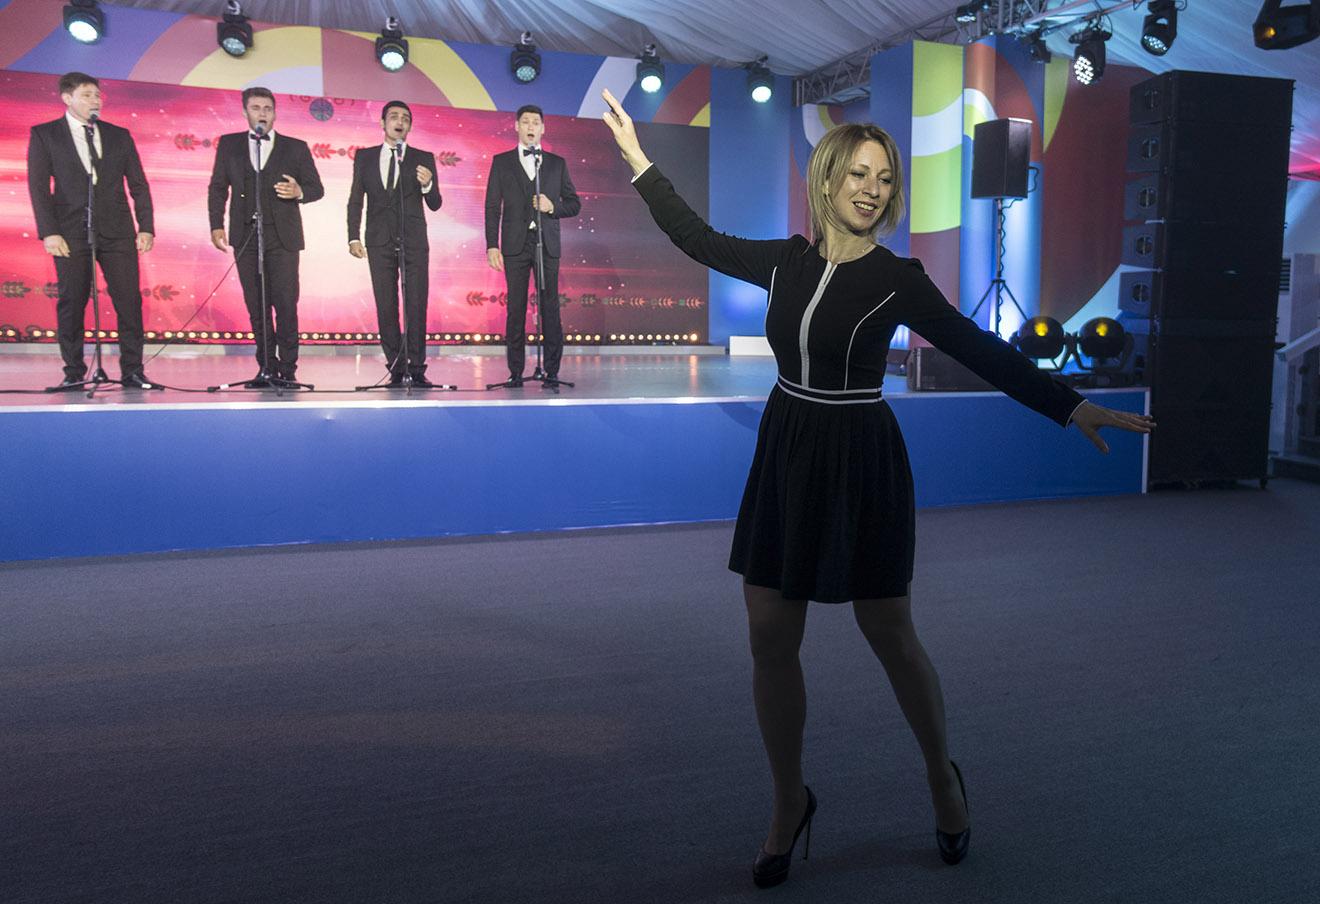 Директор департамента информации и печати министерства иностранных дел РФ Мария Захарова во время танца на торжественном приеме для журналистов на саммите Россия — АСЕАН.